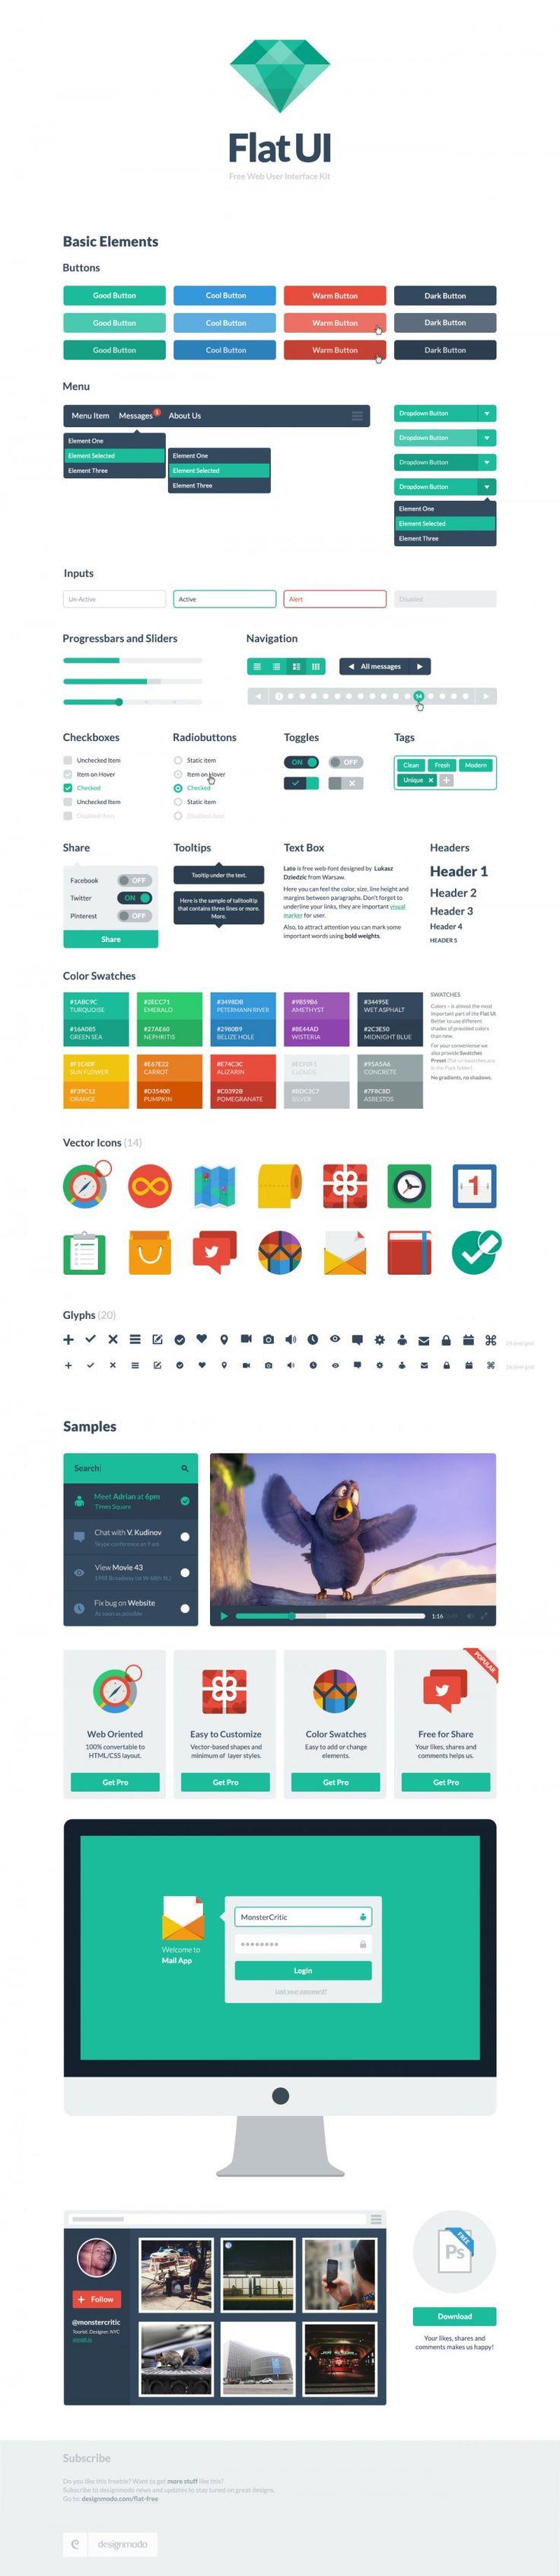 Foto: Flat UI: Diseño de interface para descargar gratis (HTML+PSD+Bootstrap) recursos web 3